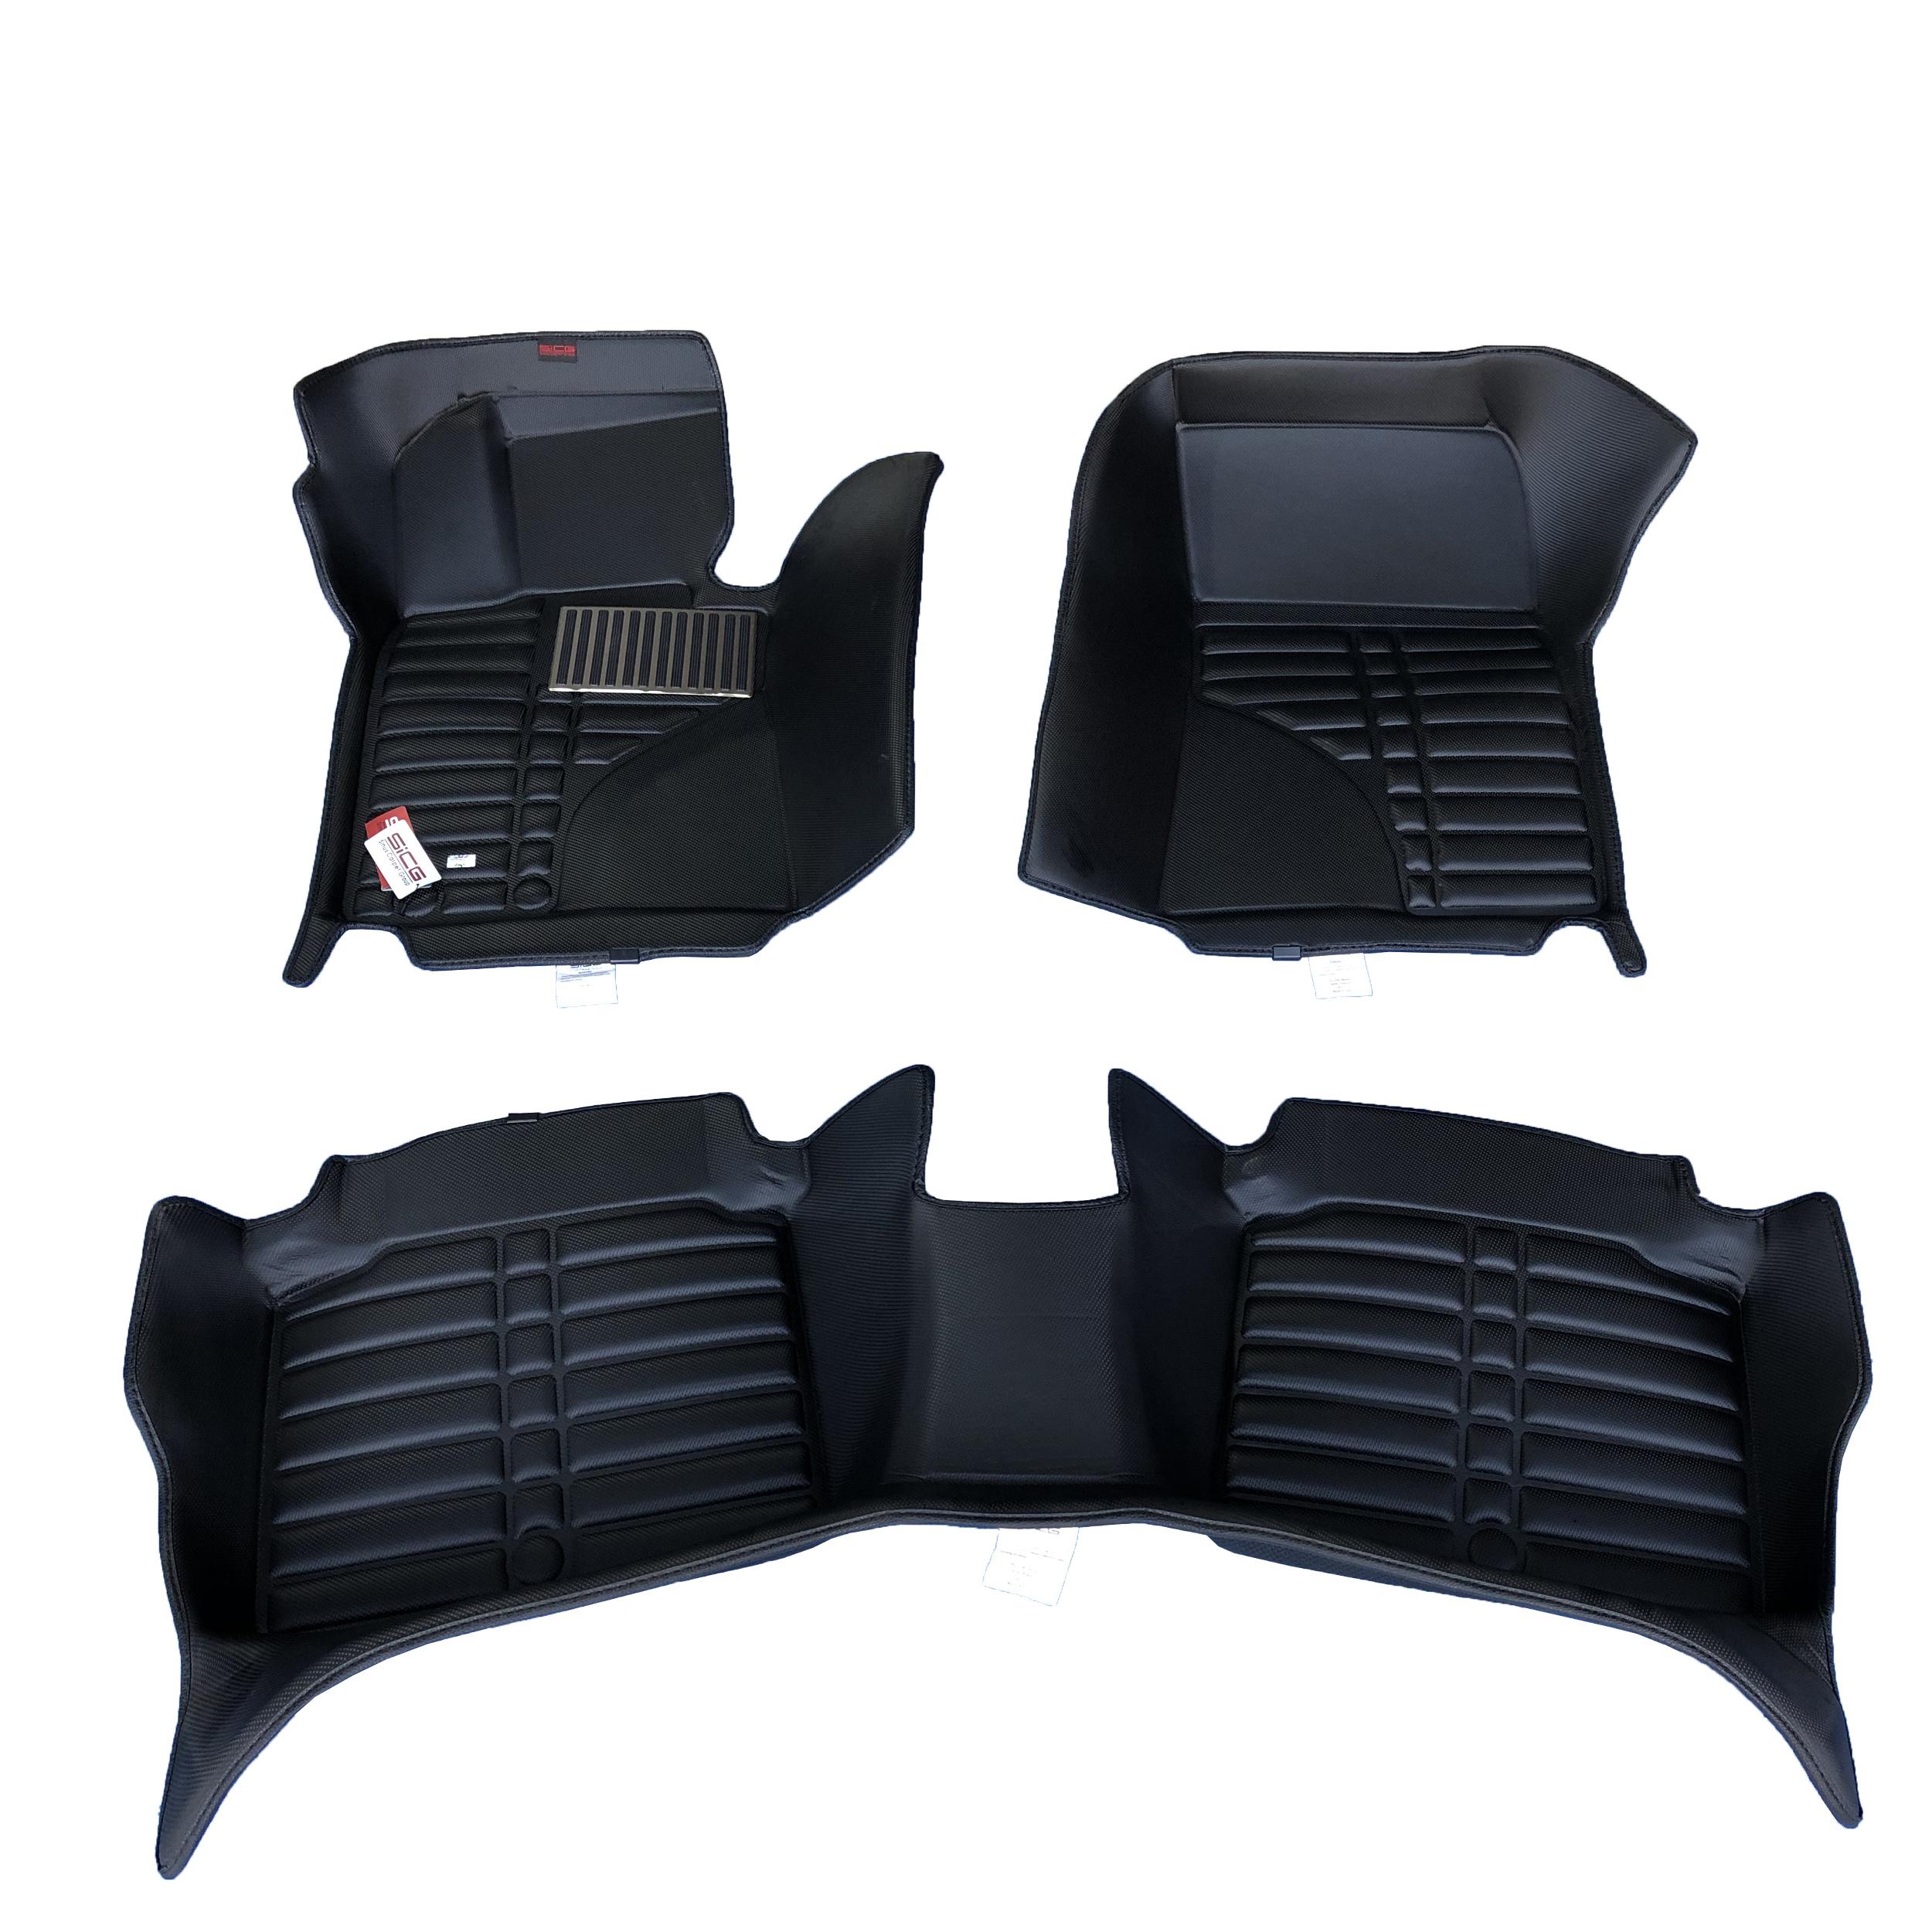 کفپوش سه بعدی خودرو اسایسیجی مدل CBN مناسب برای هیوندایی جنسیس سدان